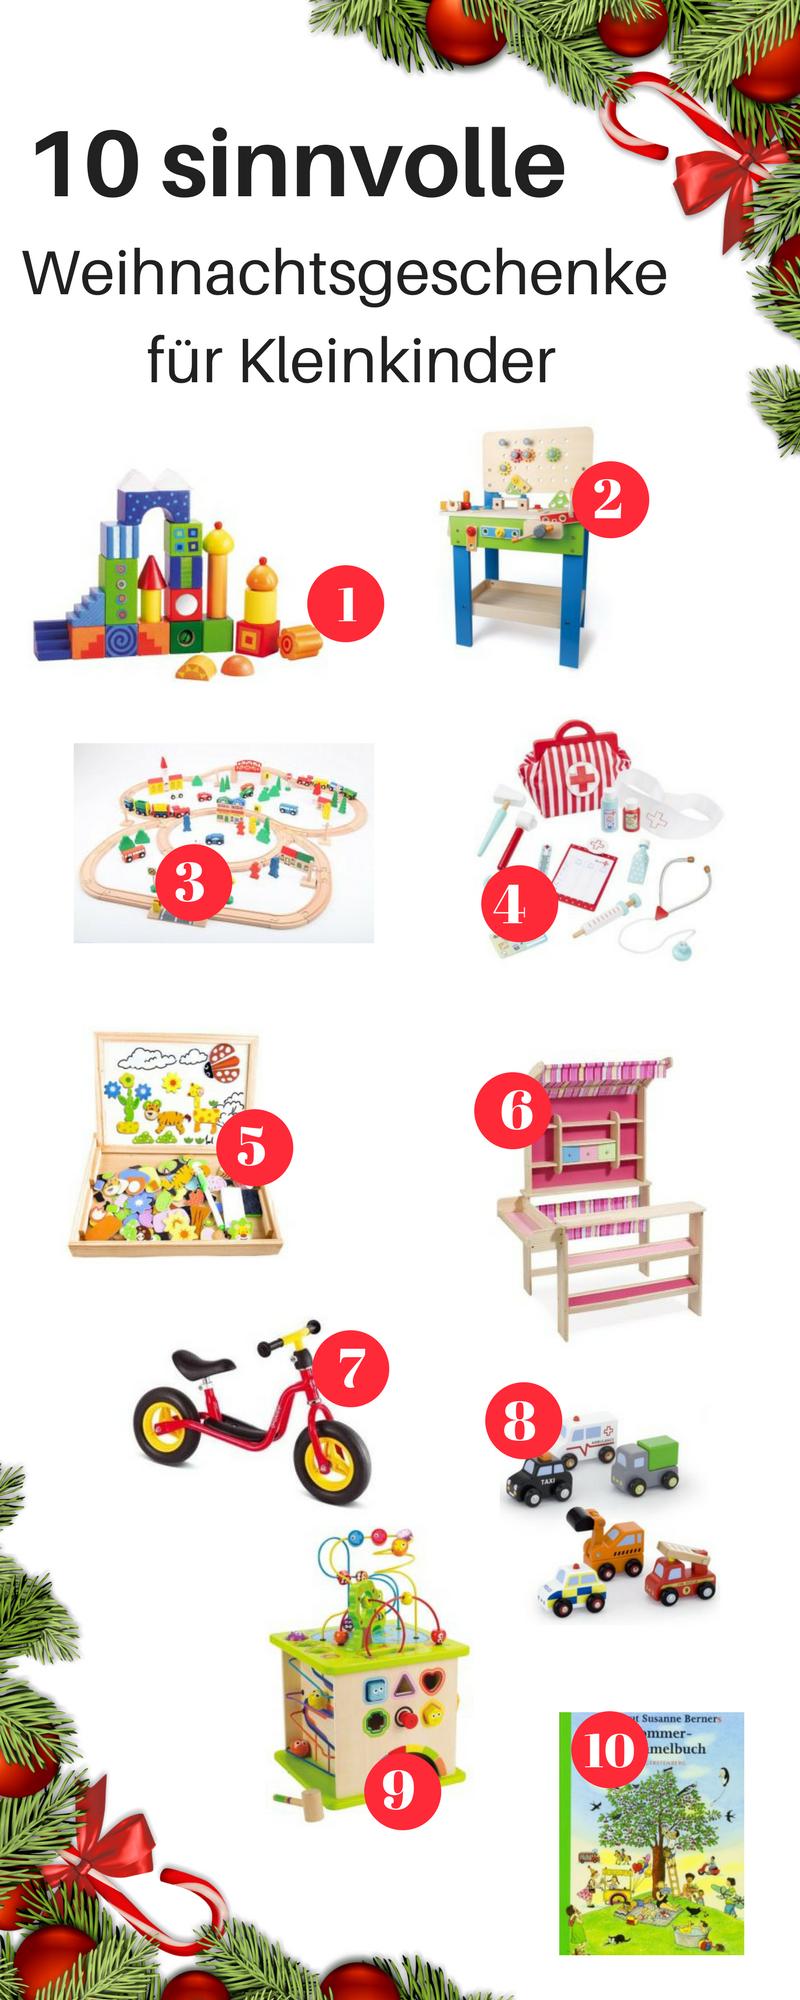 Weihnachtsgeschenke Für Kinder.Sinnvolle Weihnachtsgeschenke Für Kleinkinder Zwischen 1 3 Jahren